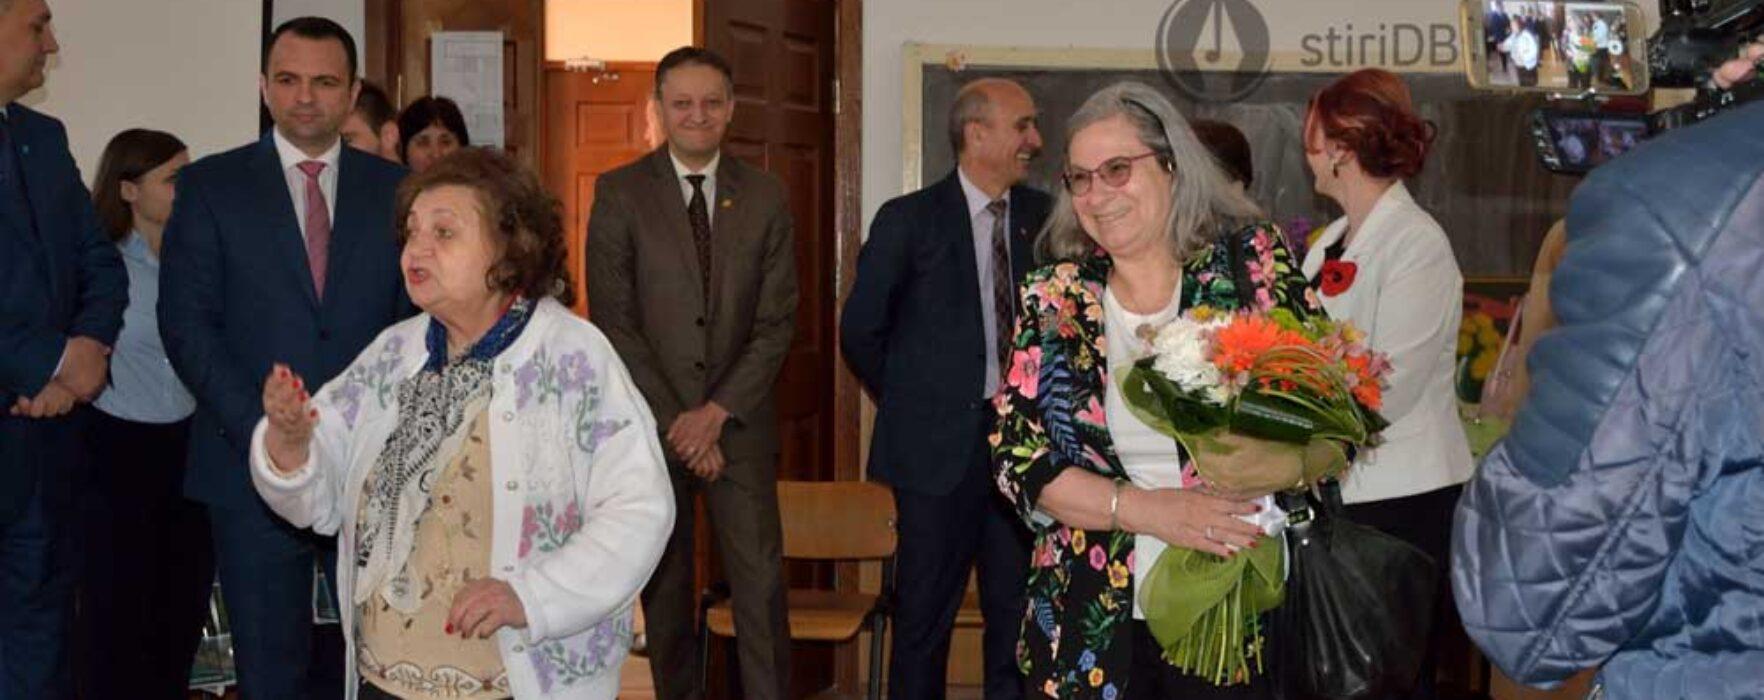 Dâmboviţa: Ambasadoarea Israelului în vizită în judeţ, a prezidat juriul concursului şcolar 'Cât de bine cunoaştem Israelul'